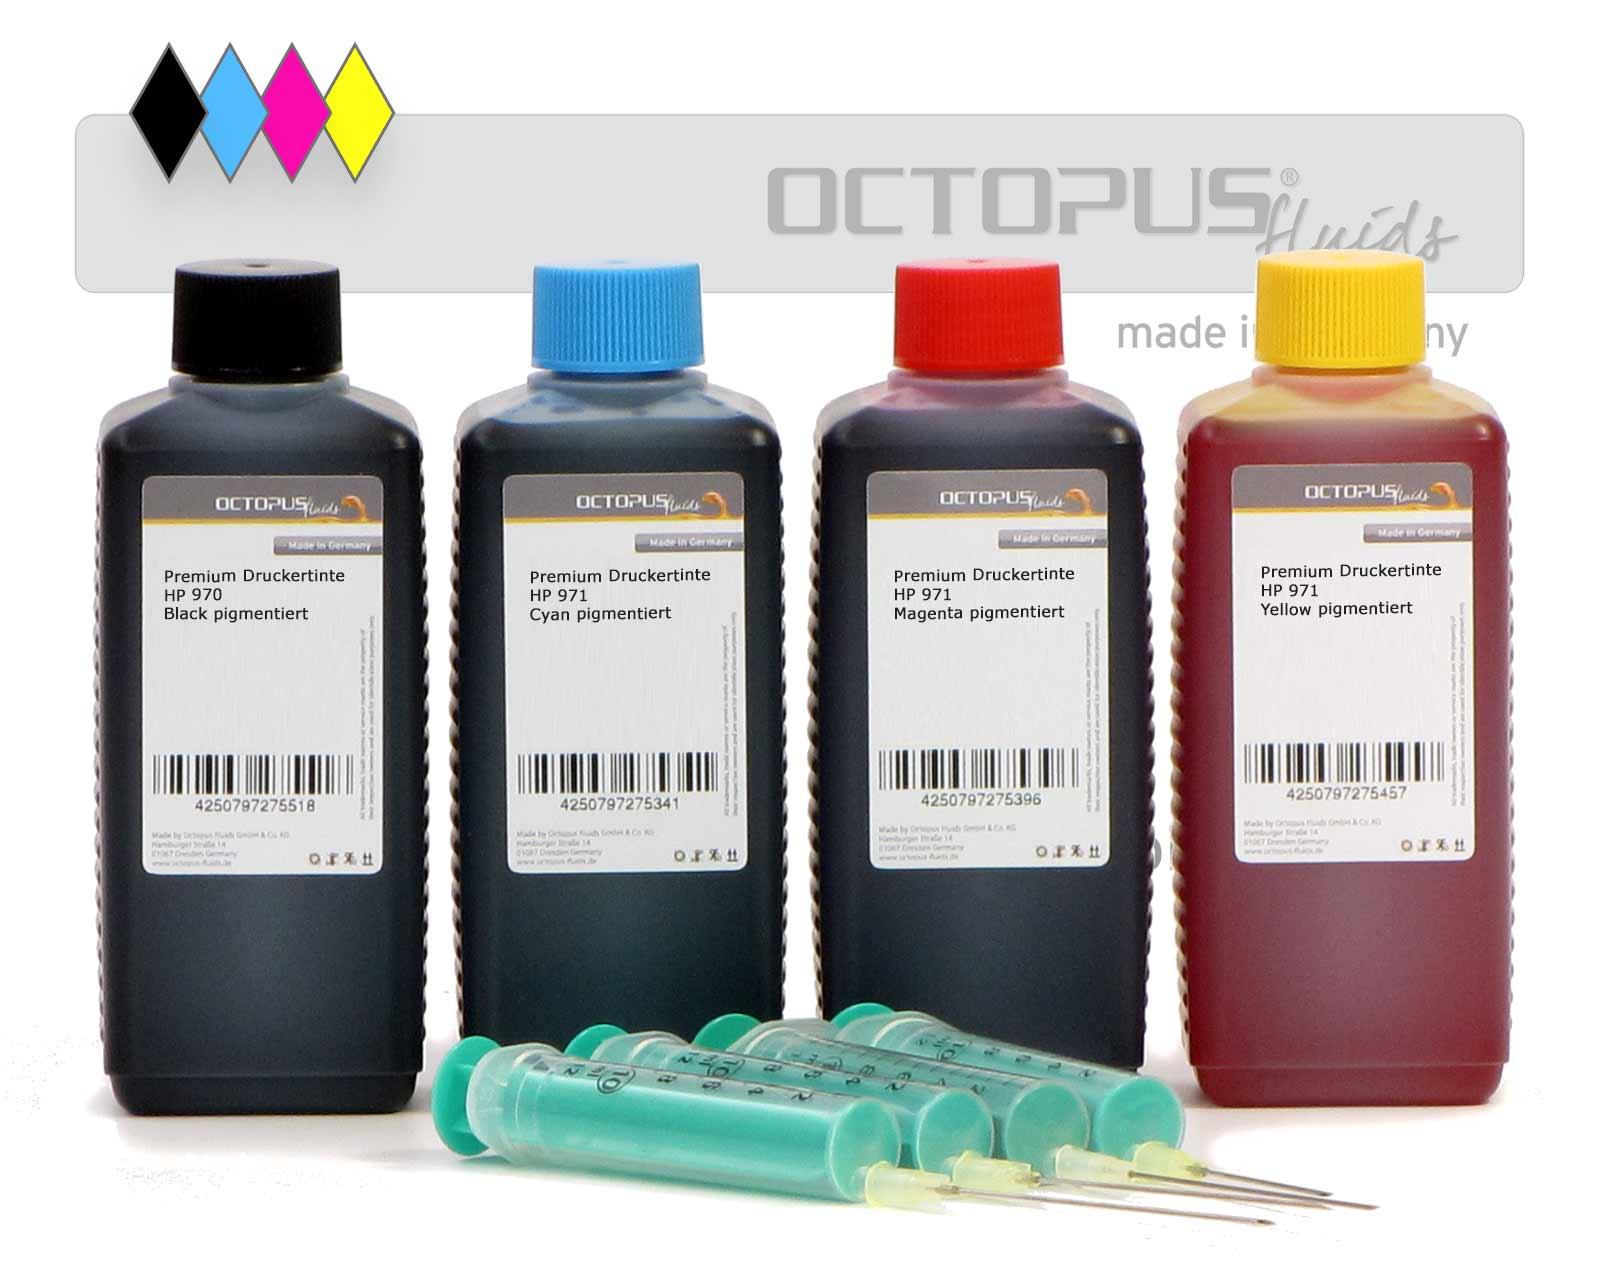 Nachfülltinten Set für HP 970, HP 971 Patronen, alle vier Farben